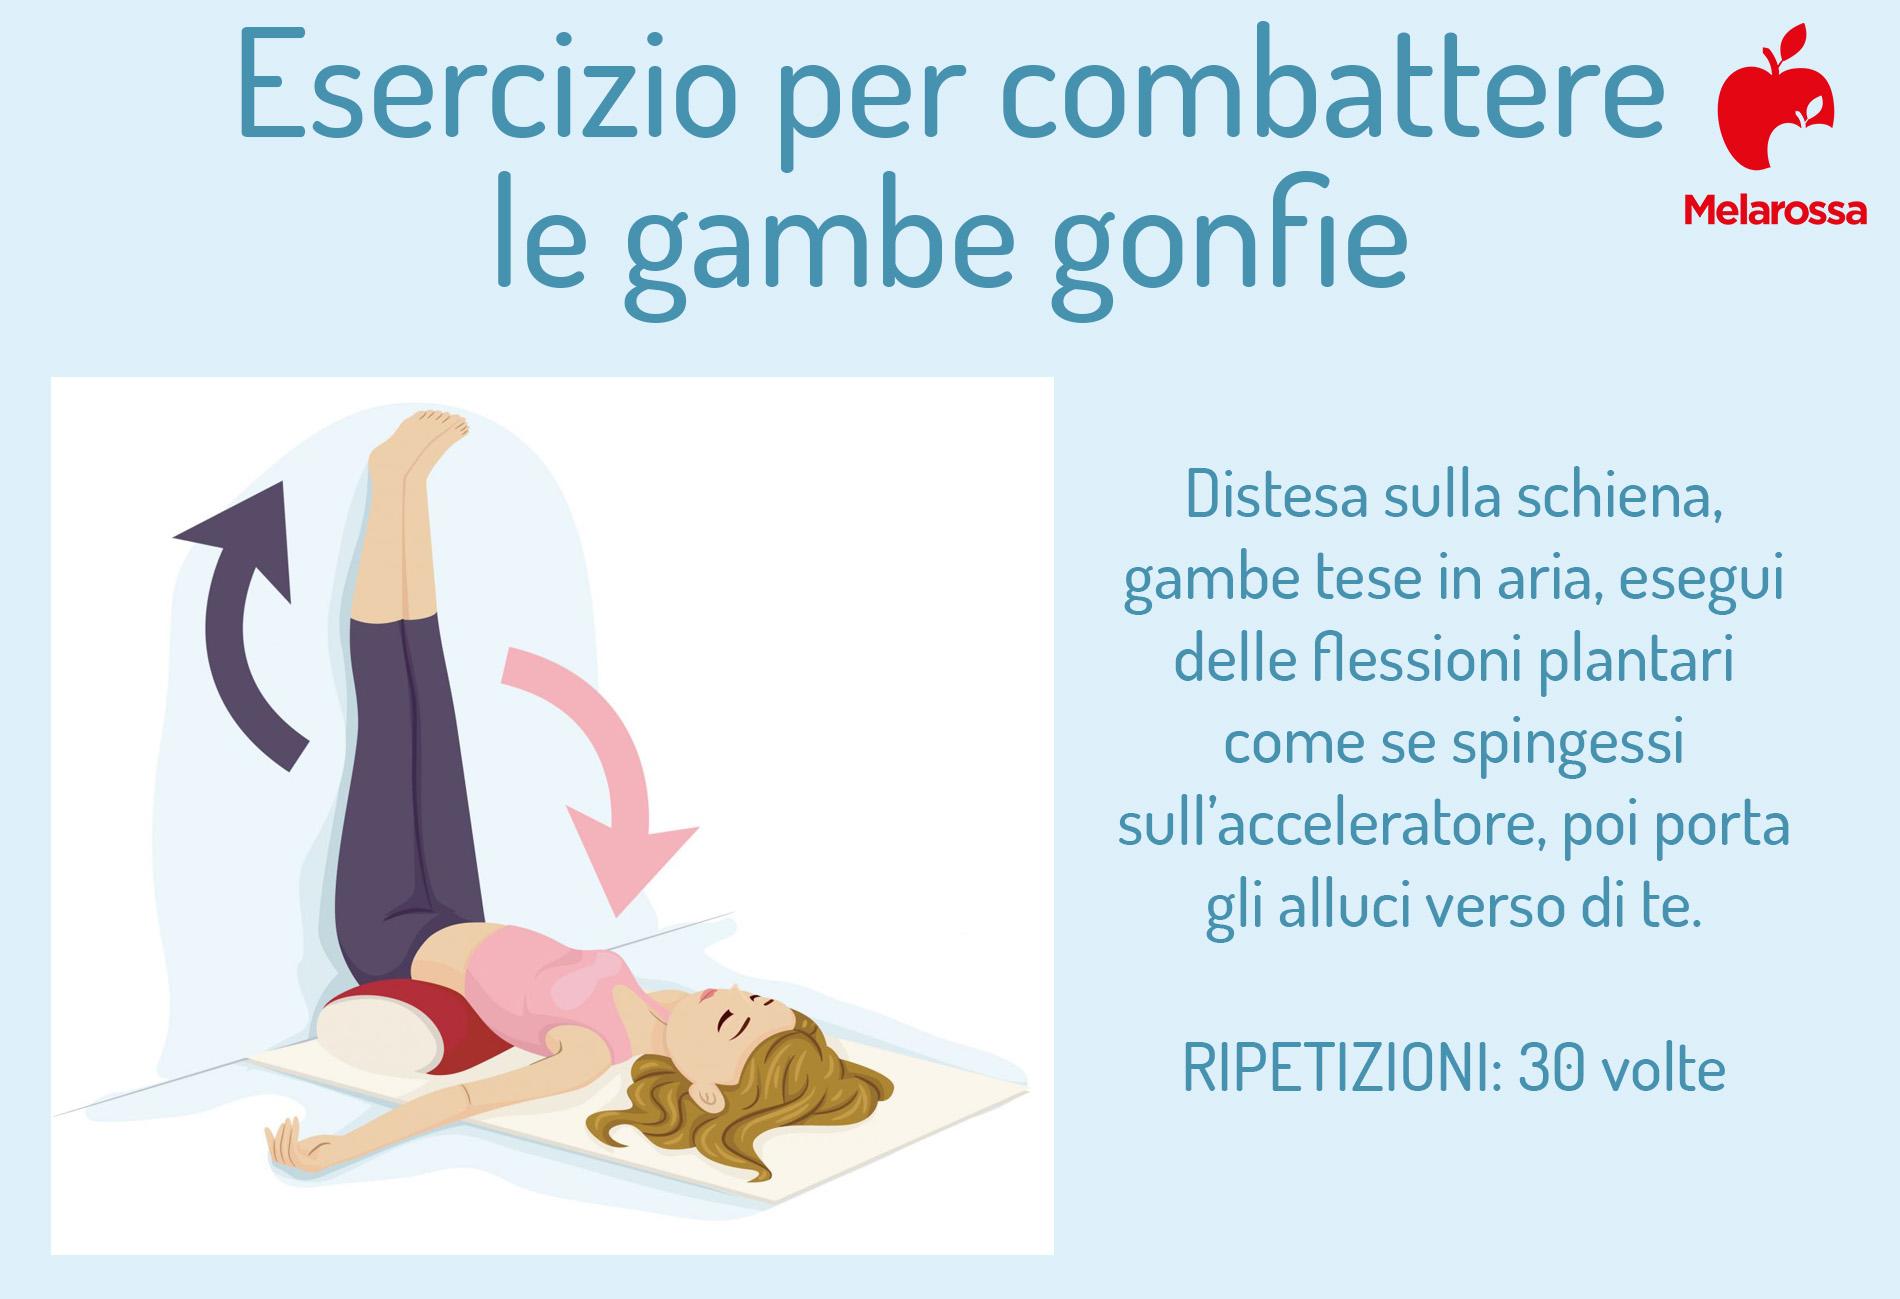 esercizio per combattere le gambe gonfie